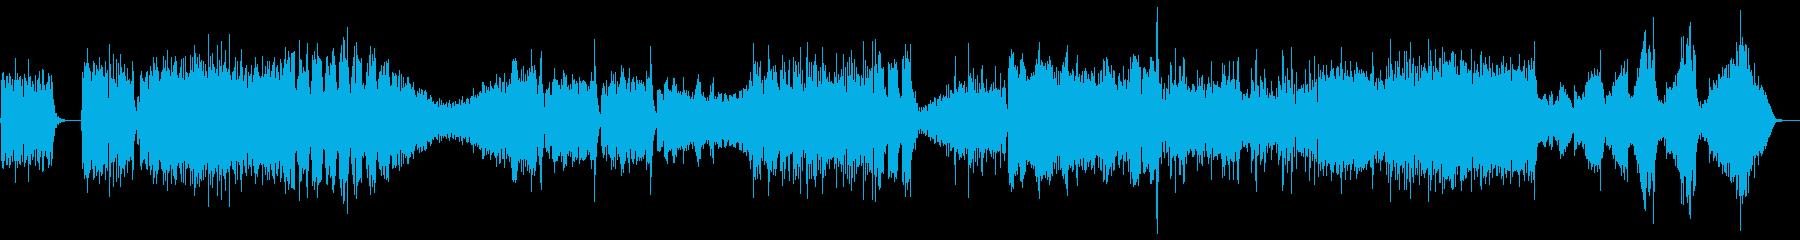 ヴィヴァルディ爽快な弦楽オーケストラの再生済みの波形